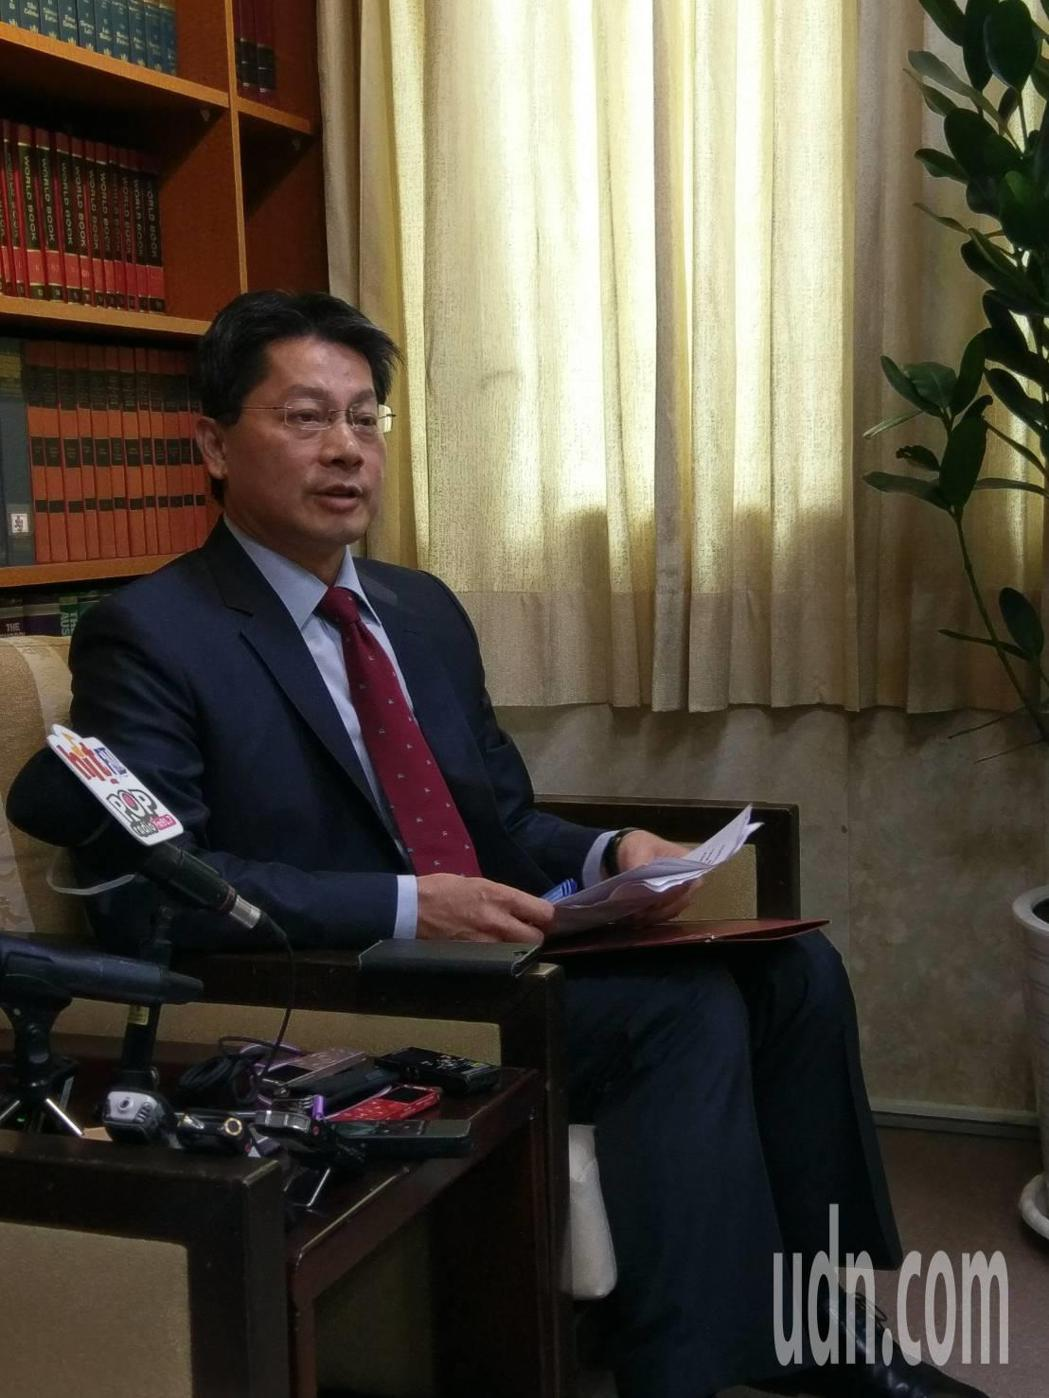 外交部發言人李憲章。記者徐偉真/攝影